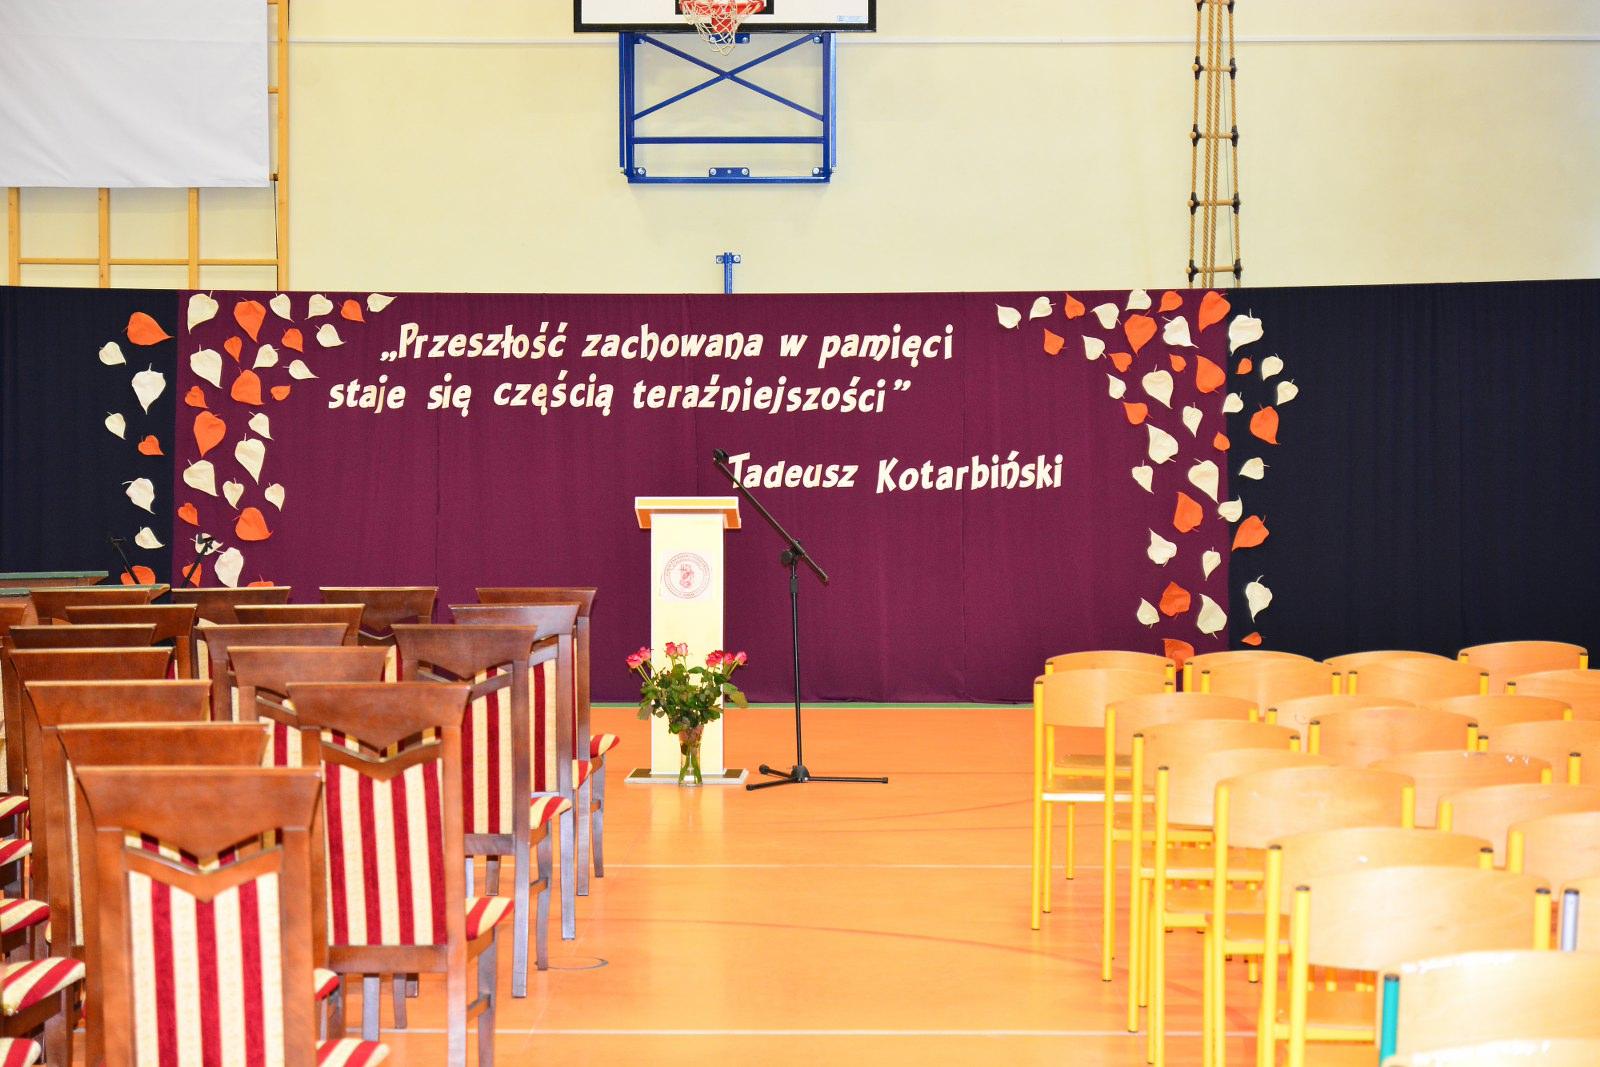 Jubileusz 200-lecia Publicznej Szkoły Podstawowej w Jedlni